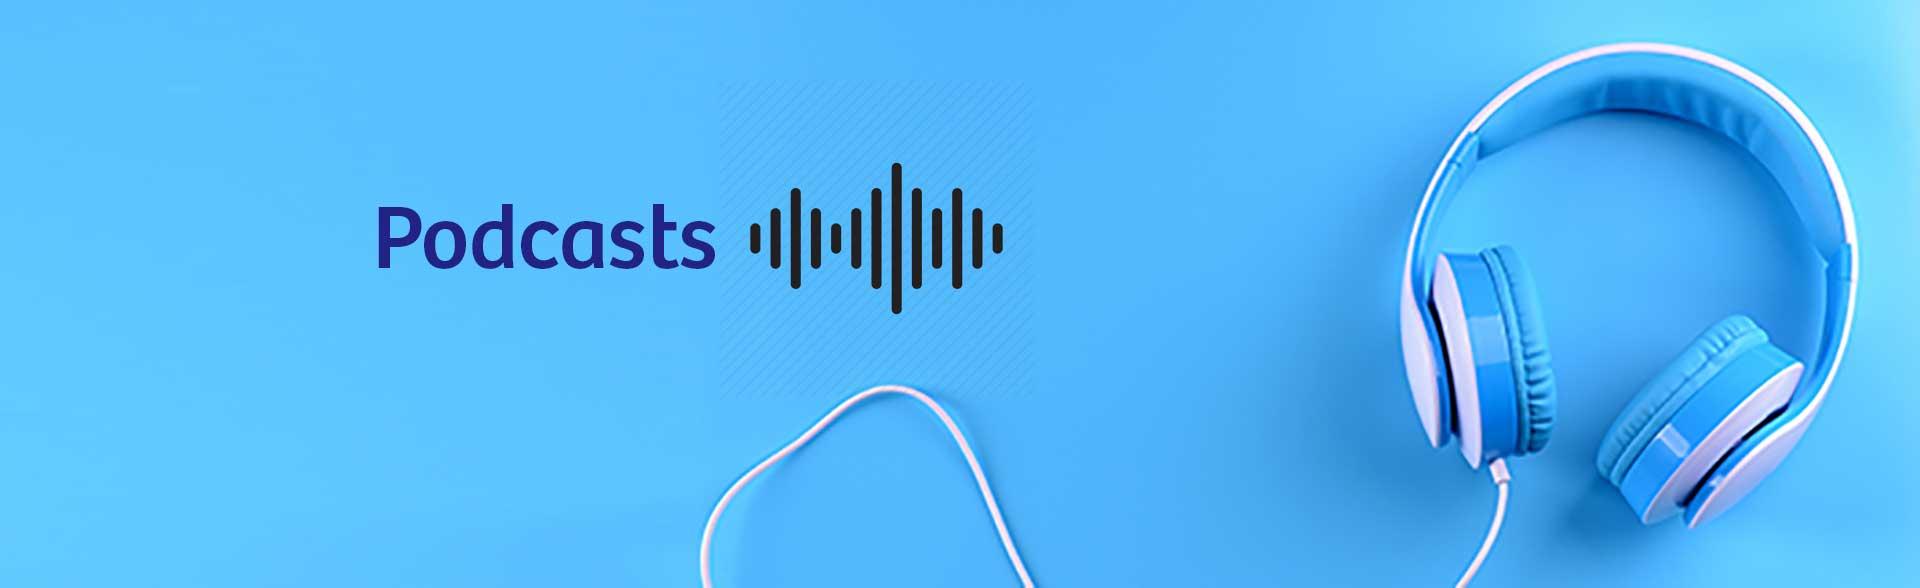 Prognocis Podcasts